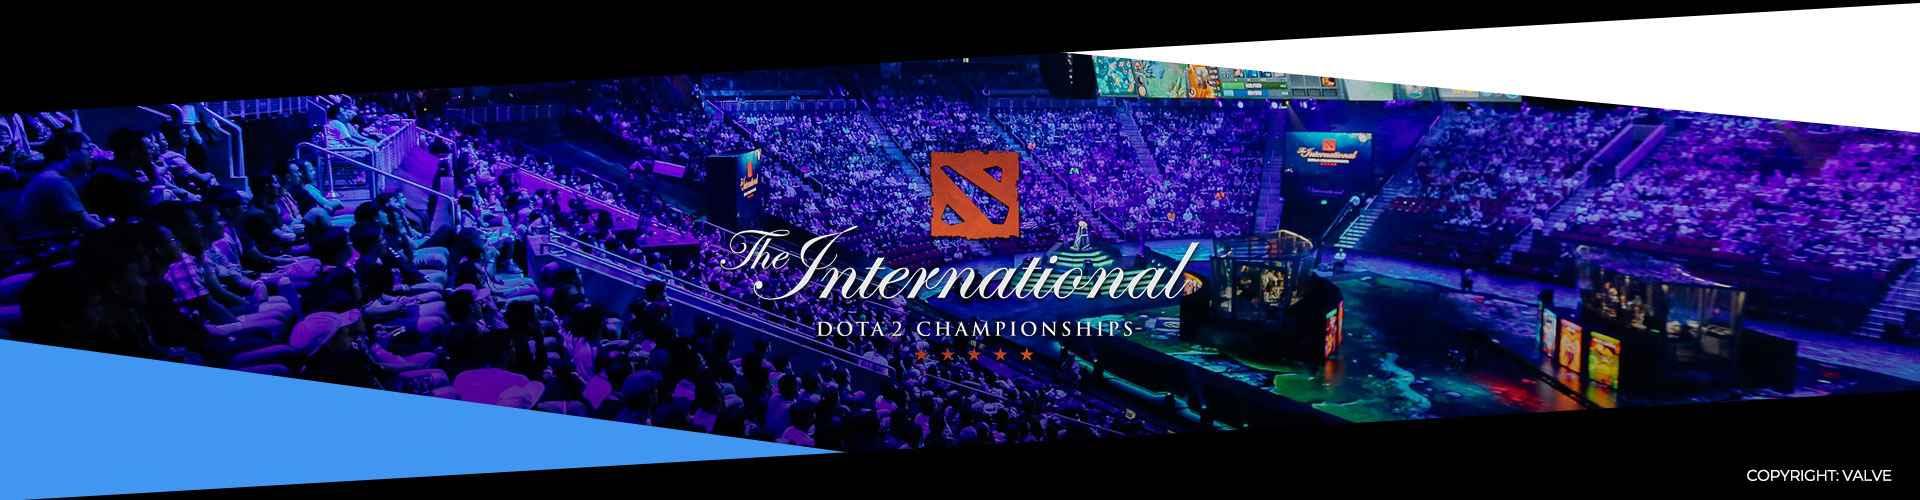 Eventsida om The International 9. Lagen, prispotten och formatet.